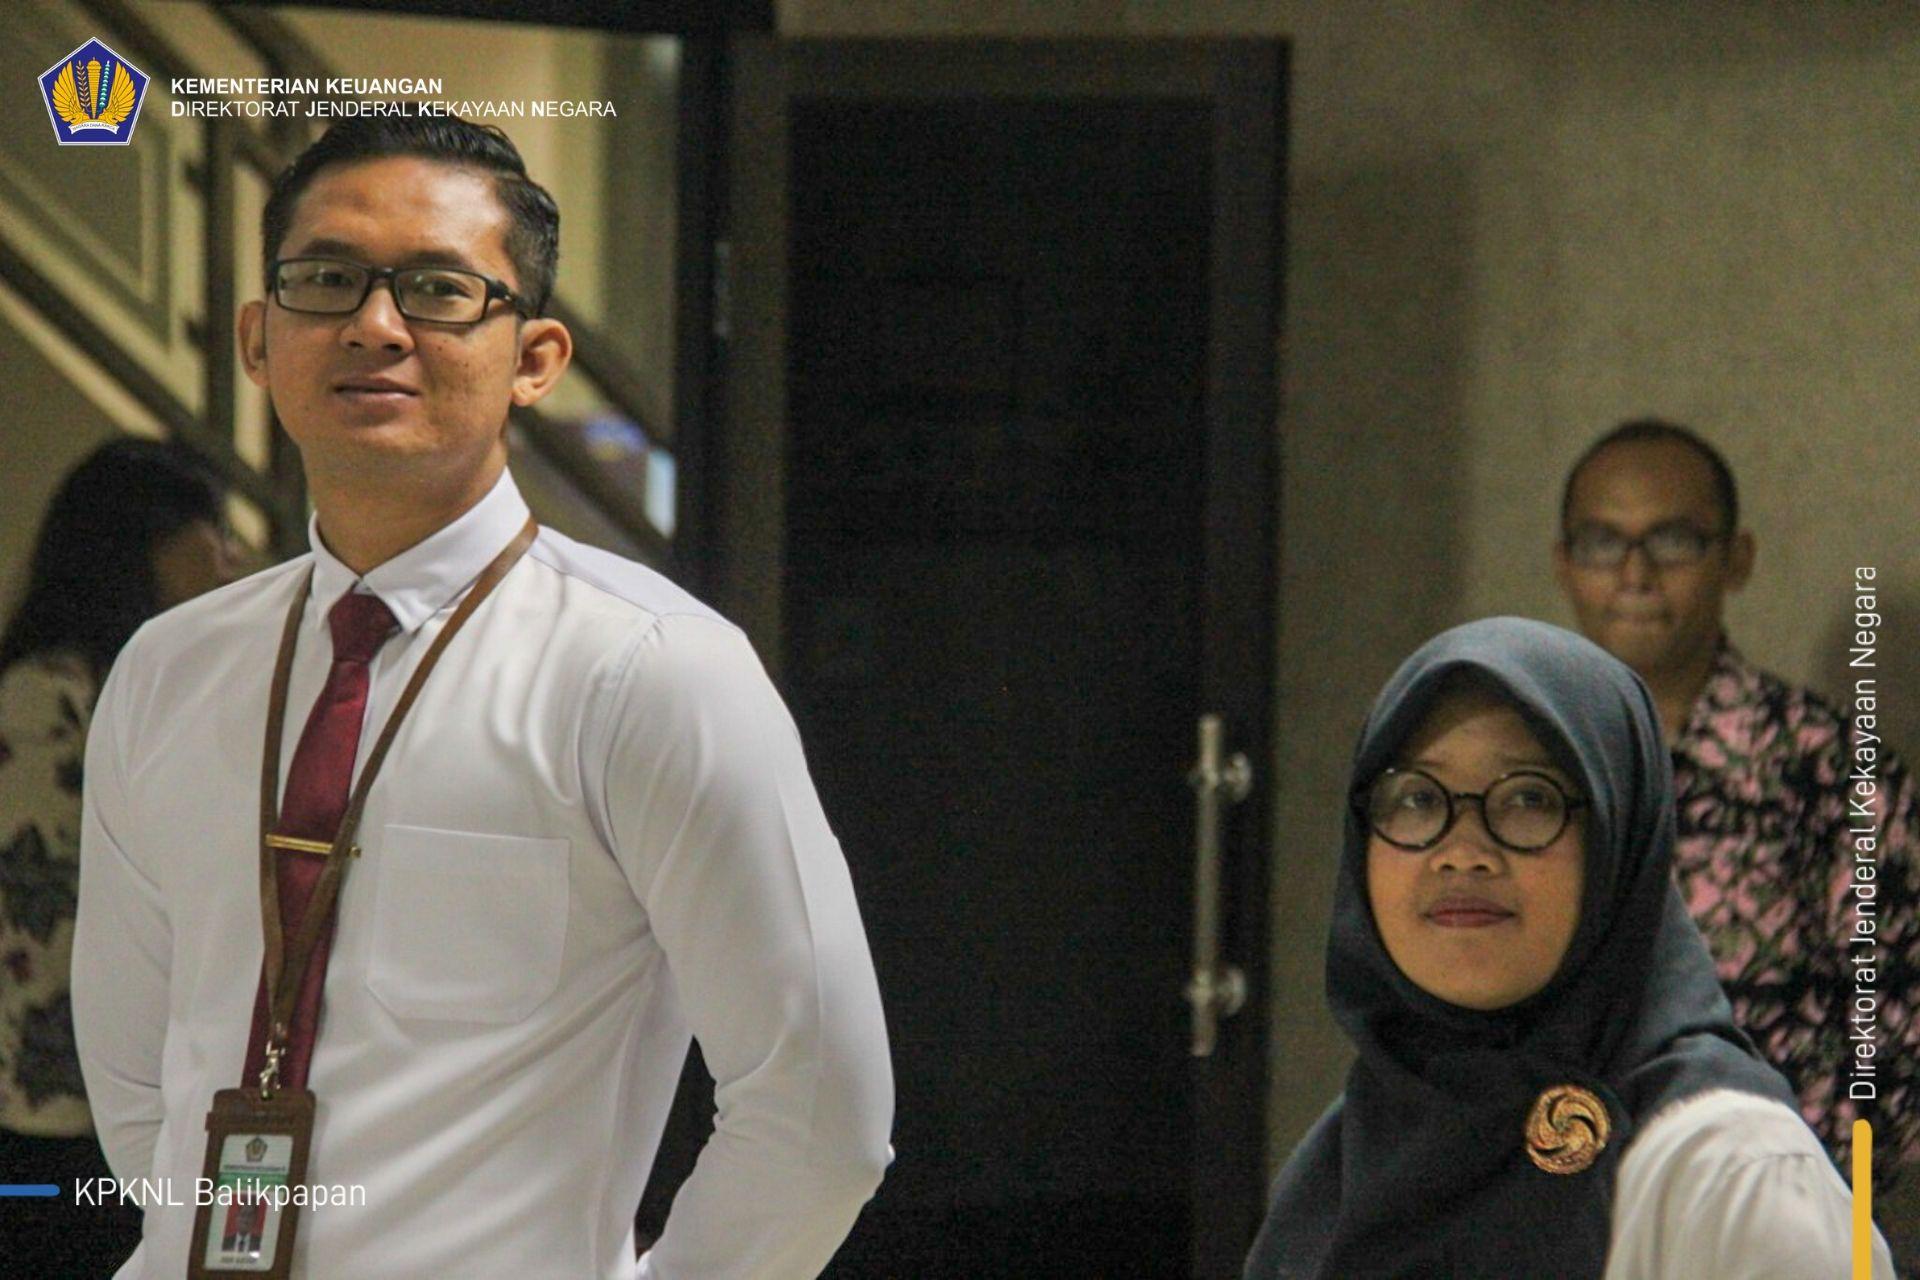 Lantik Dua Jurusita, Kakanwil DJKN Kaltimtara Pesan Untuk Jaga Integritas